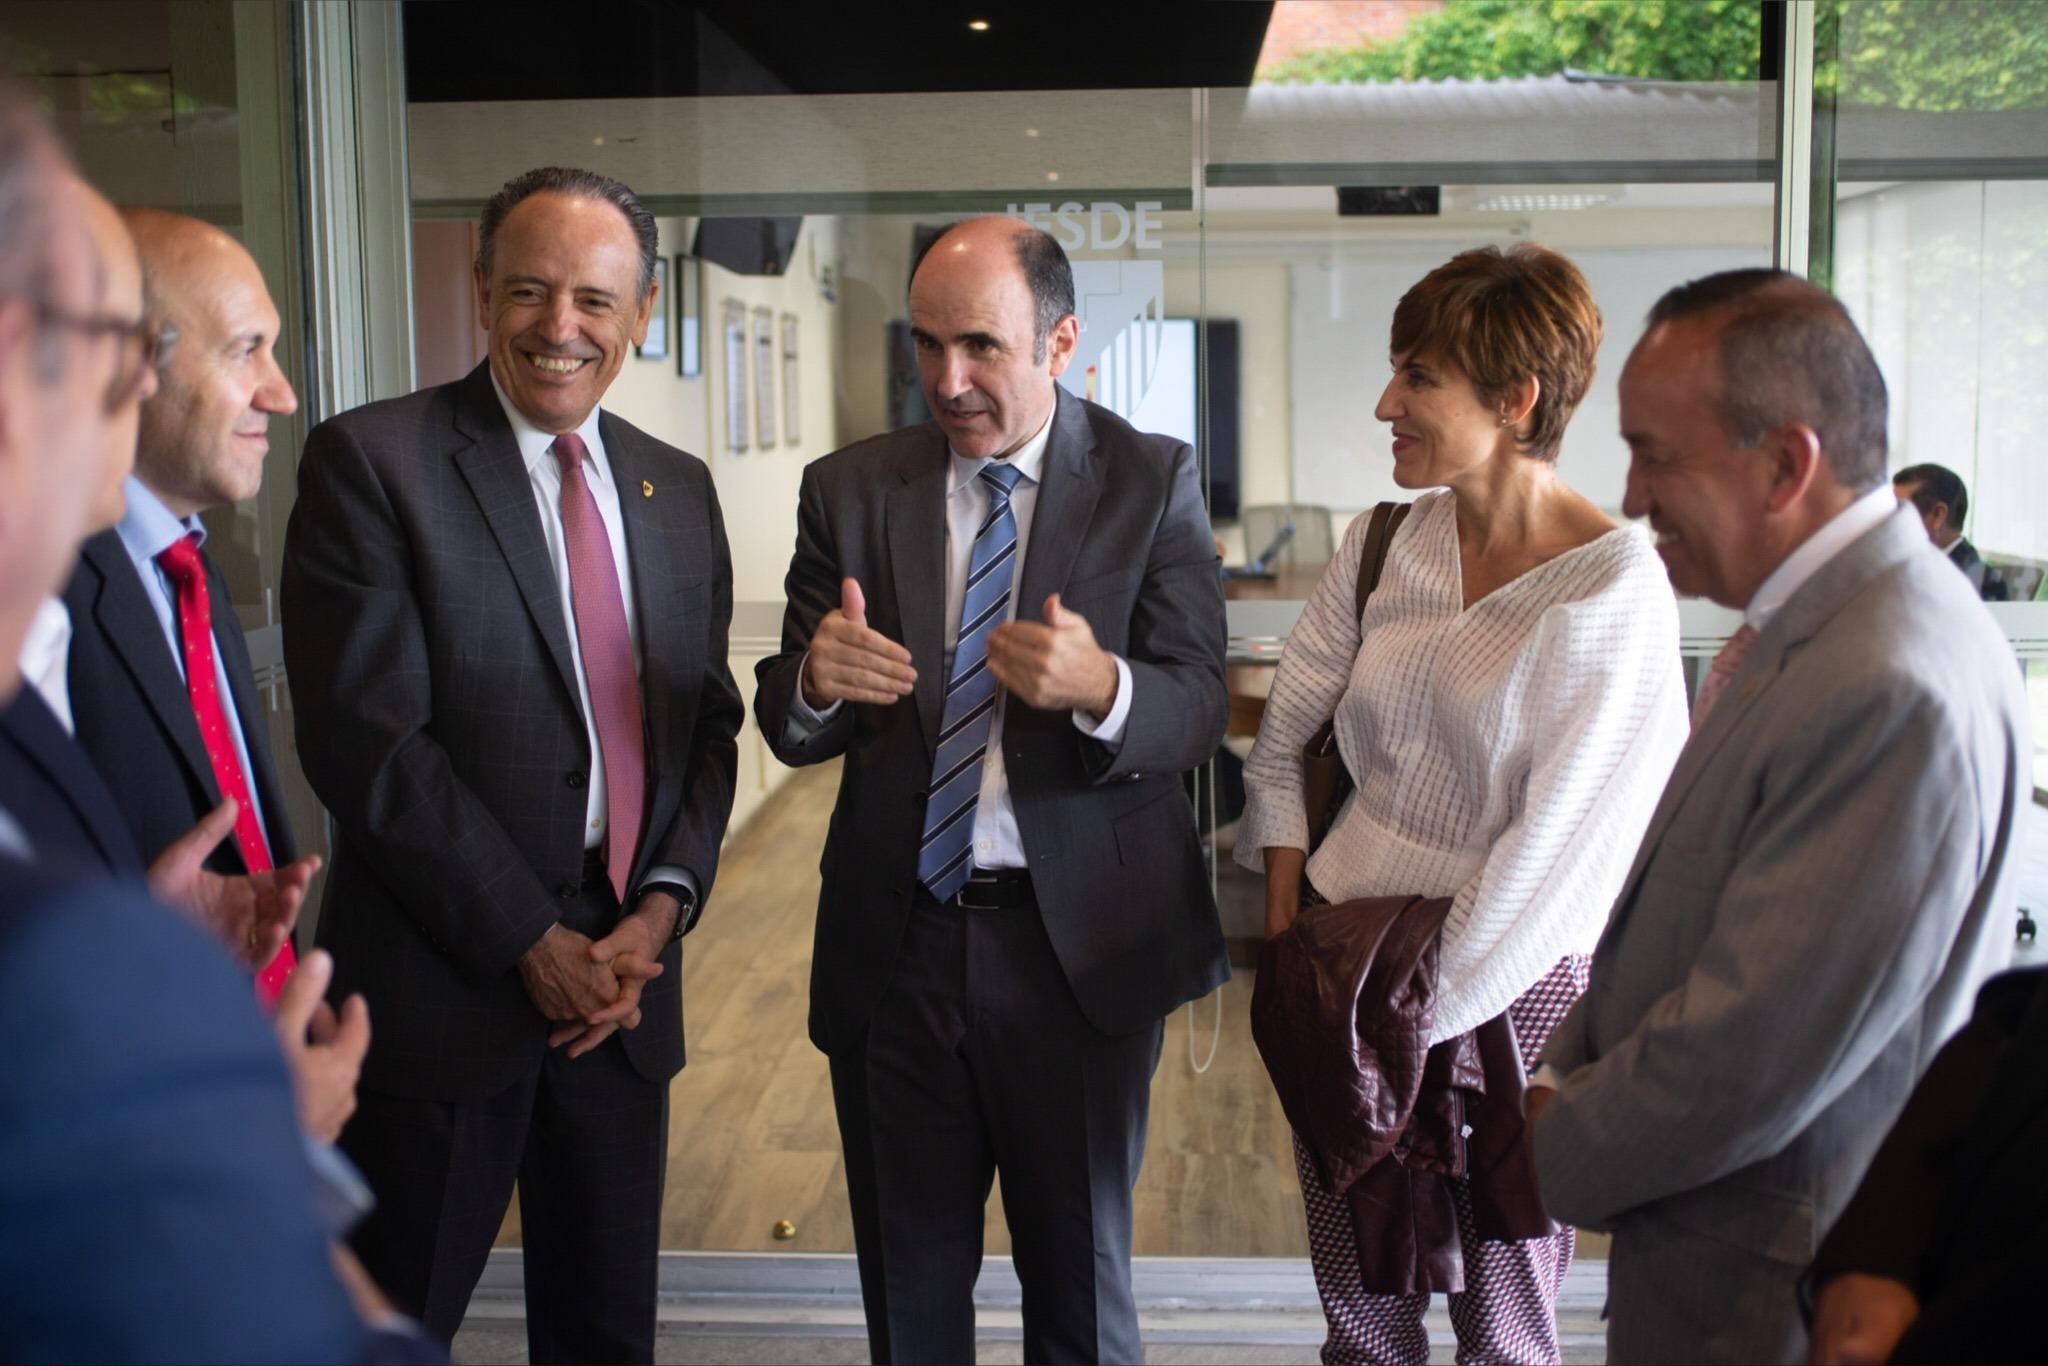 Manu Ayerdi, vicepresidente del Gobierno de Navarra, y Miren Ausín, directora del servicio de Proyección Internacional, conversan con autoridades del Estado de Puebla.